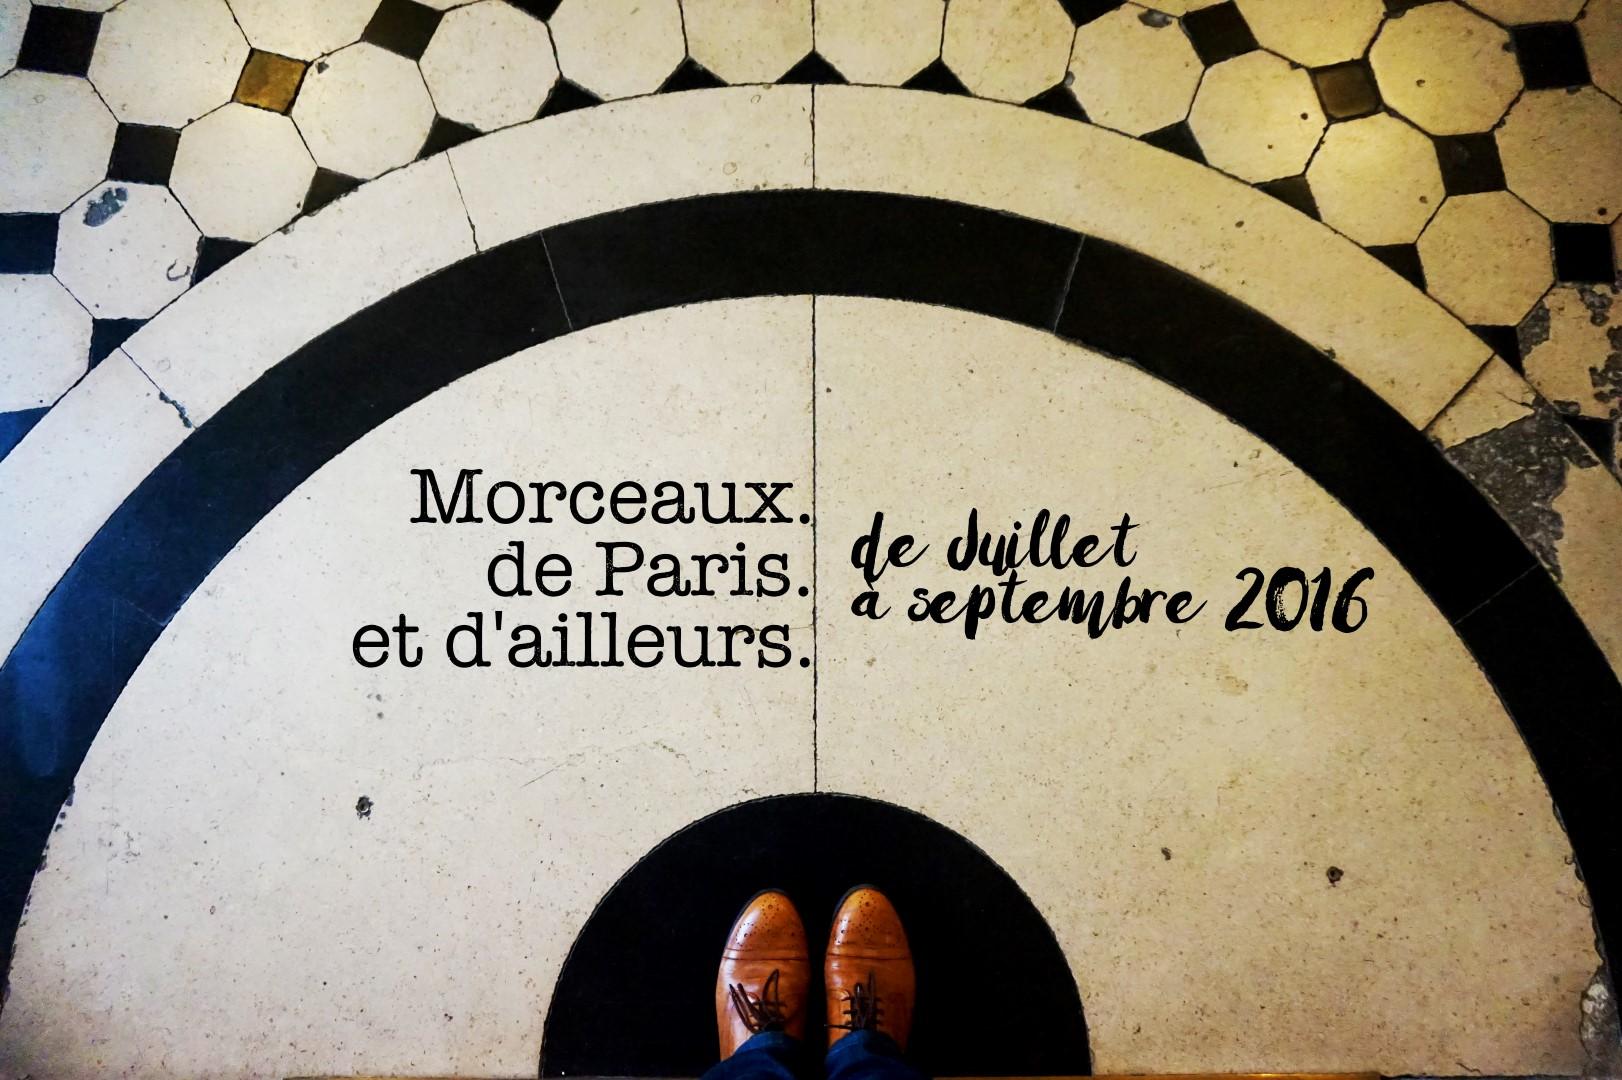 20161015_morceaux_paris_t3_2016-large